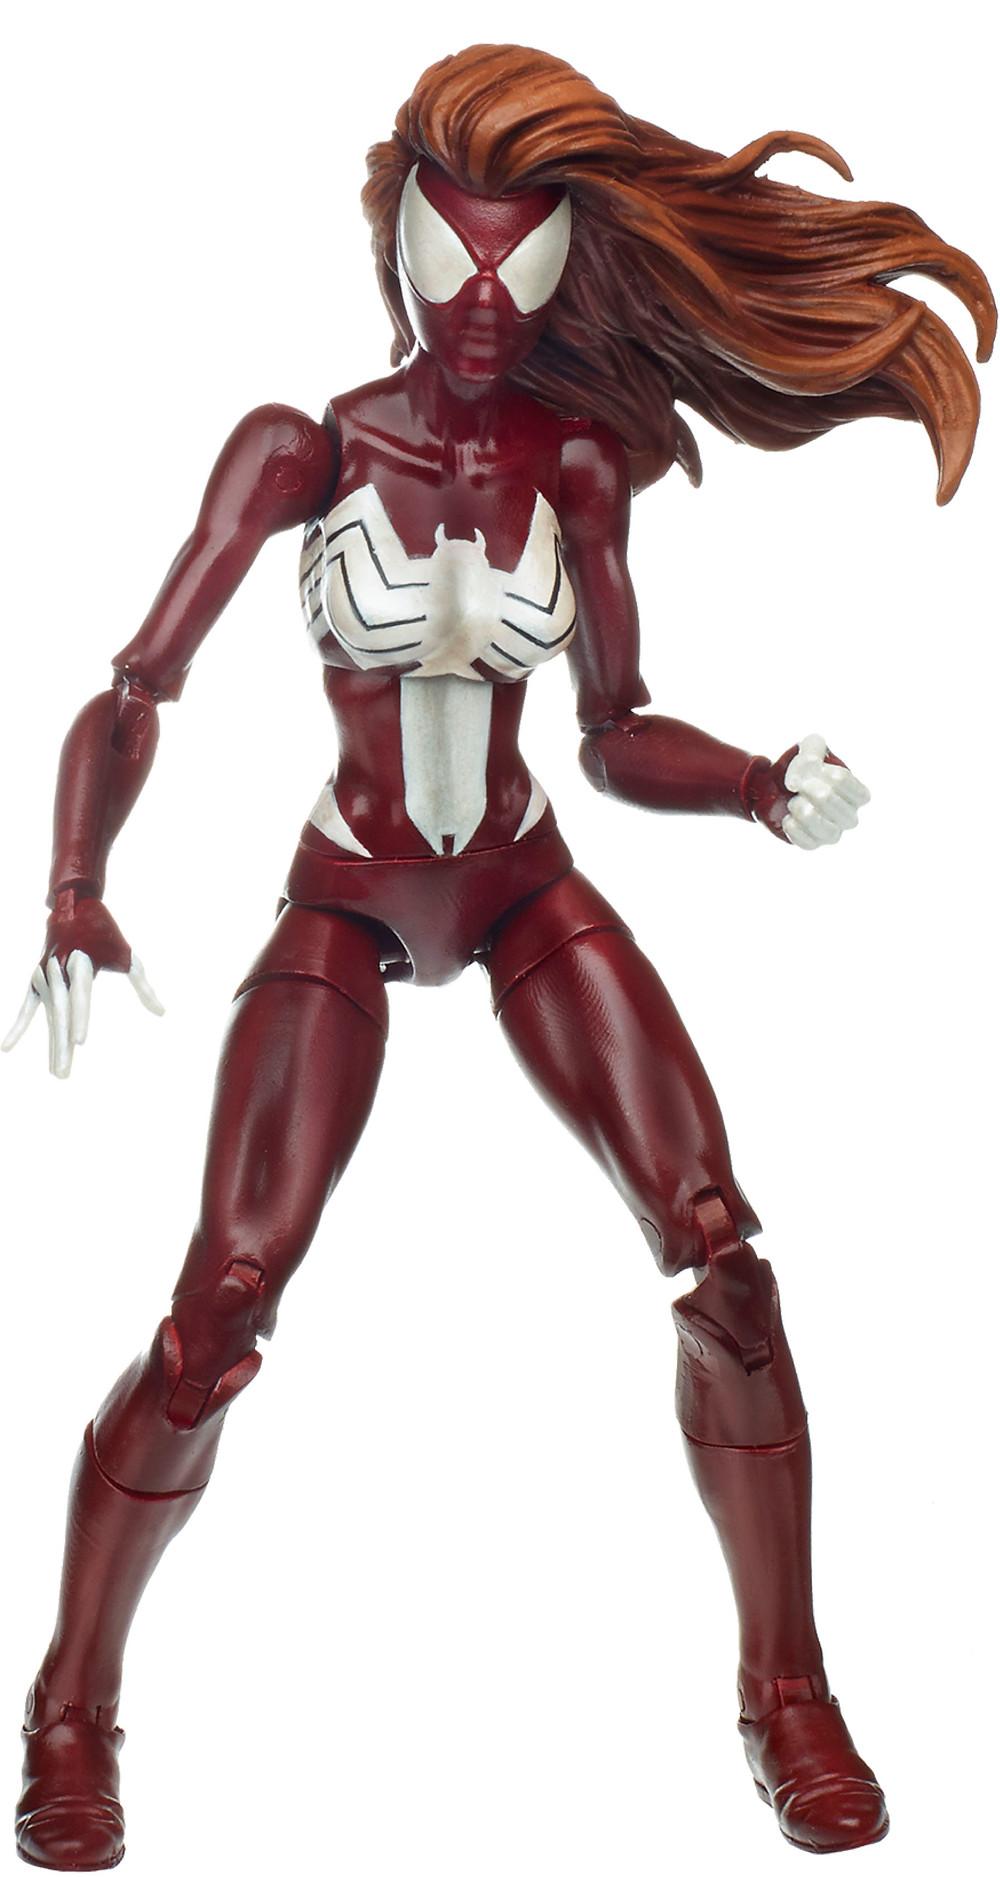 SpiderManLegends-wave1-Ultimate-Spider-Girl.jpg